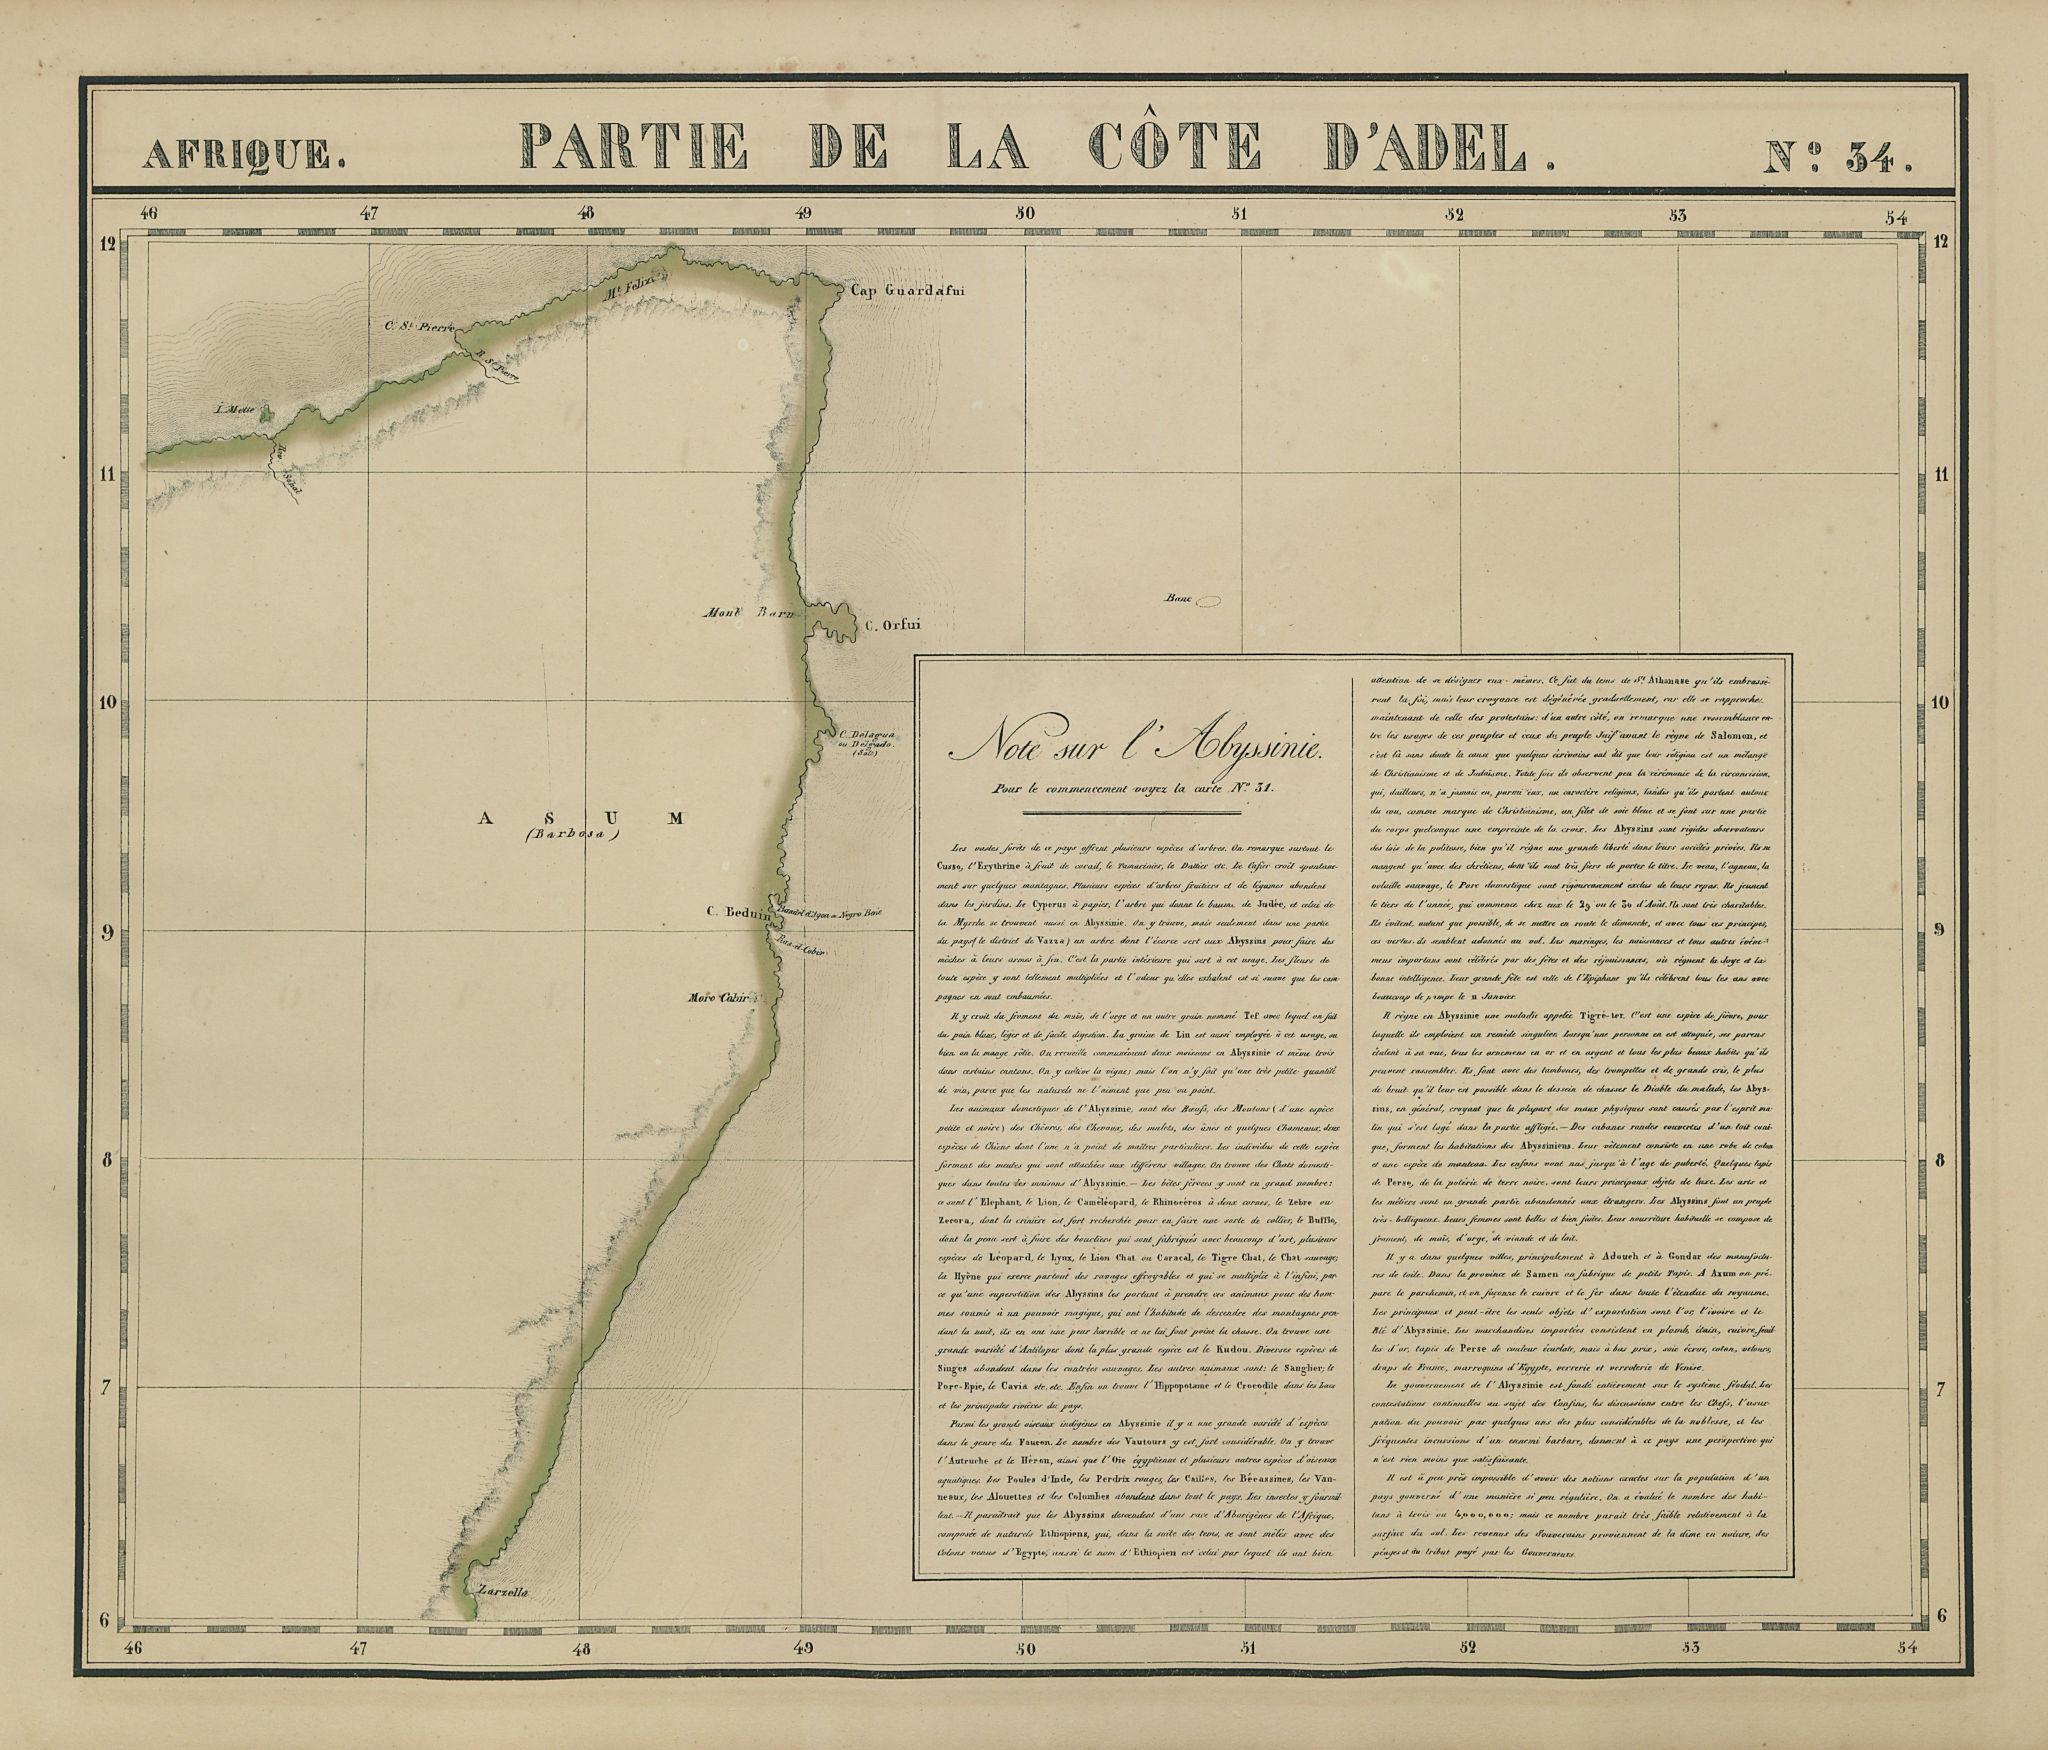 Afrique Partie de la Côte d'Adel 34 Somalia Horn of Africa VANDERMAELEN 1827 map